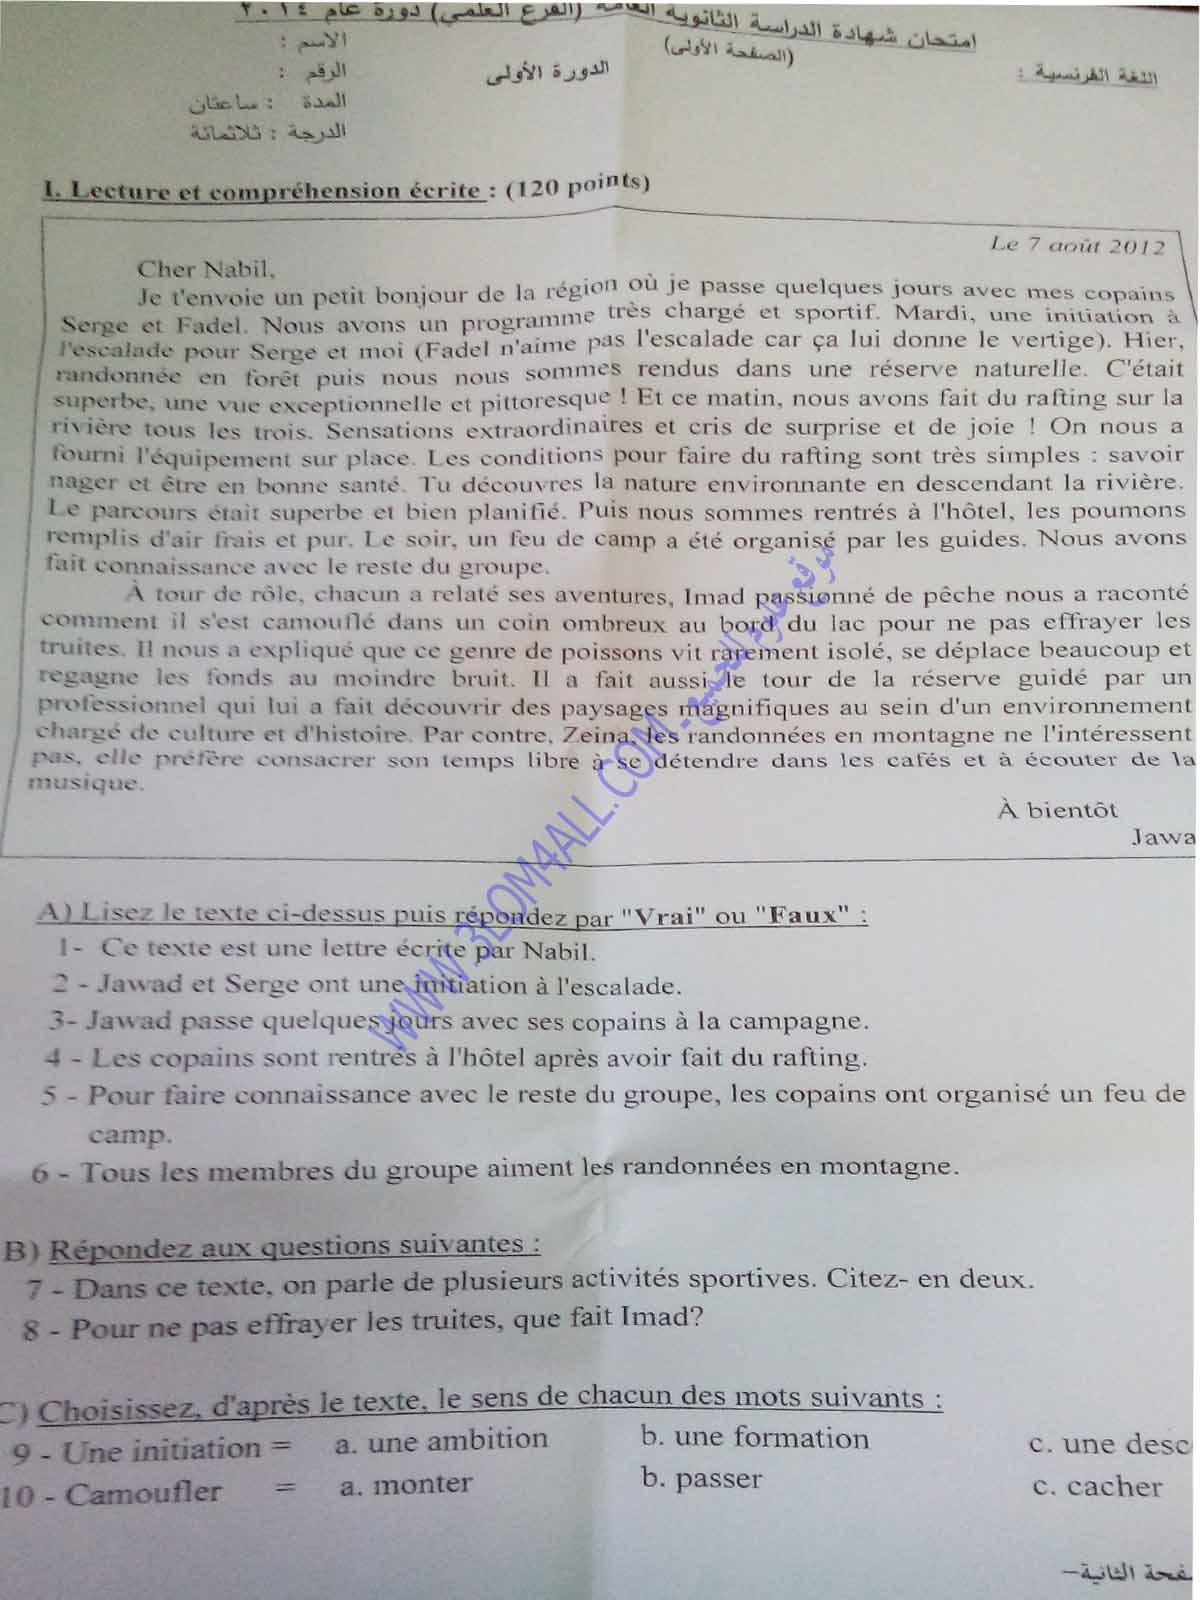 أسئلة امتحان مادة اللغة الفرنسية الفرع العلمي الدورة الإضافية سوريا  ورقة الامتحان 1463338815222.jpg